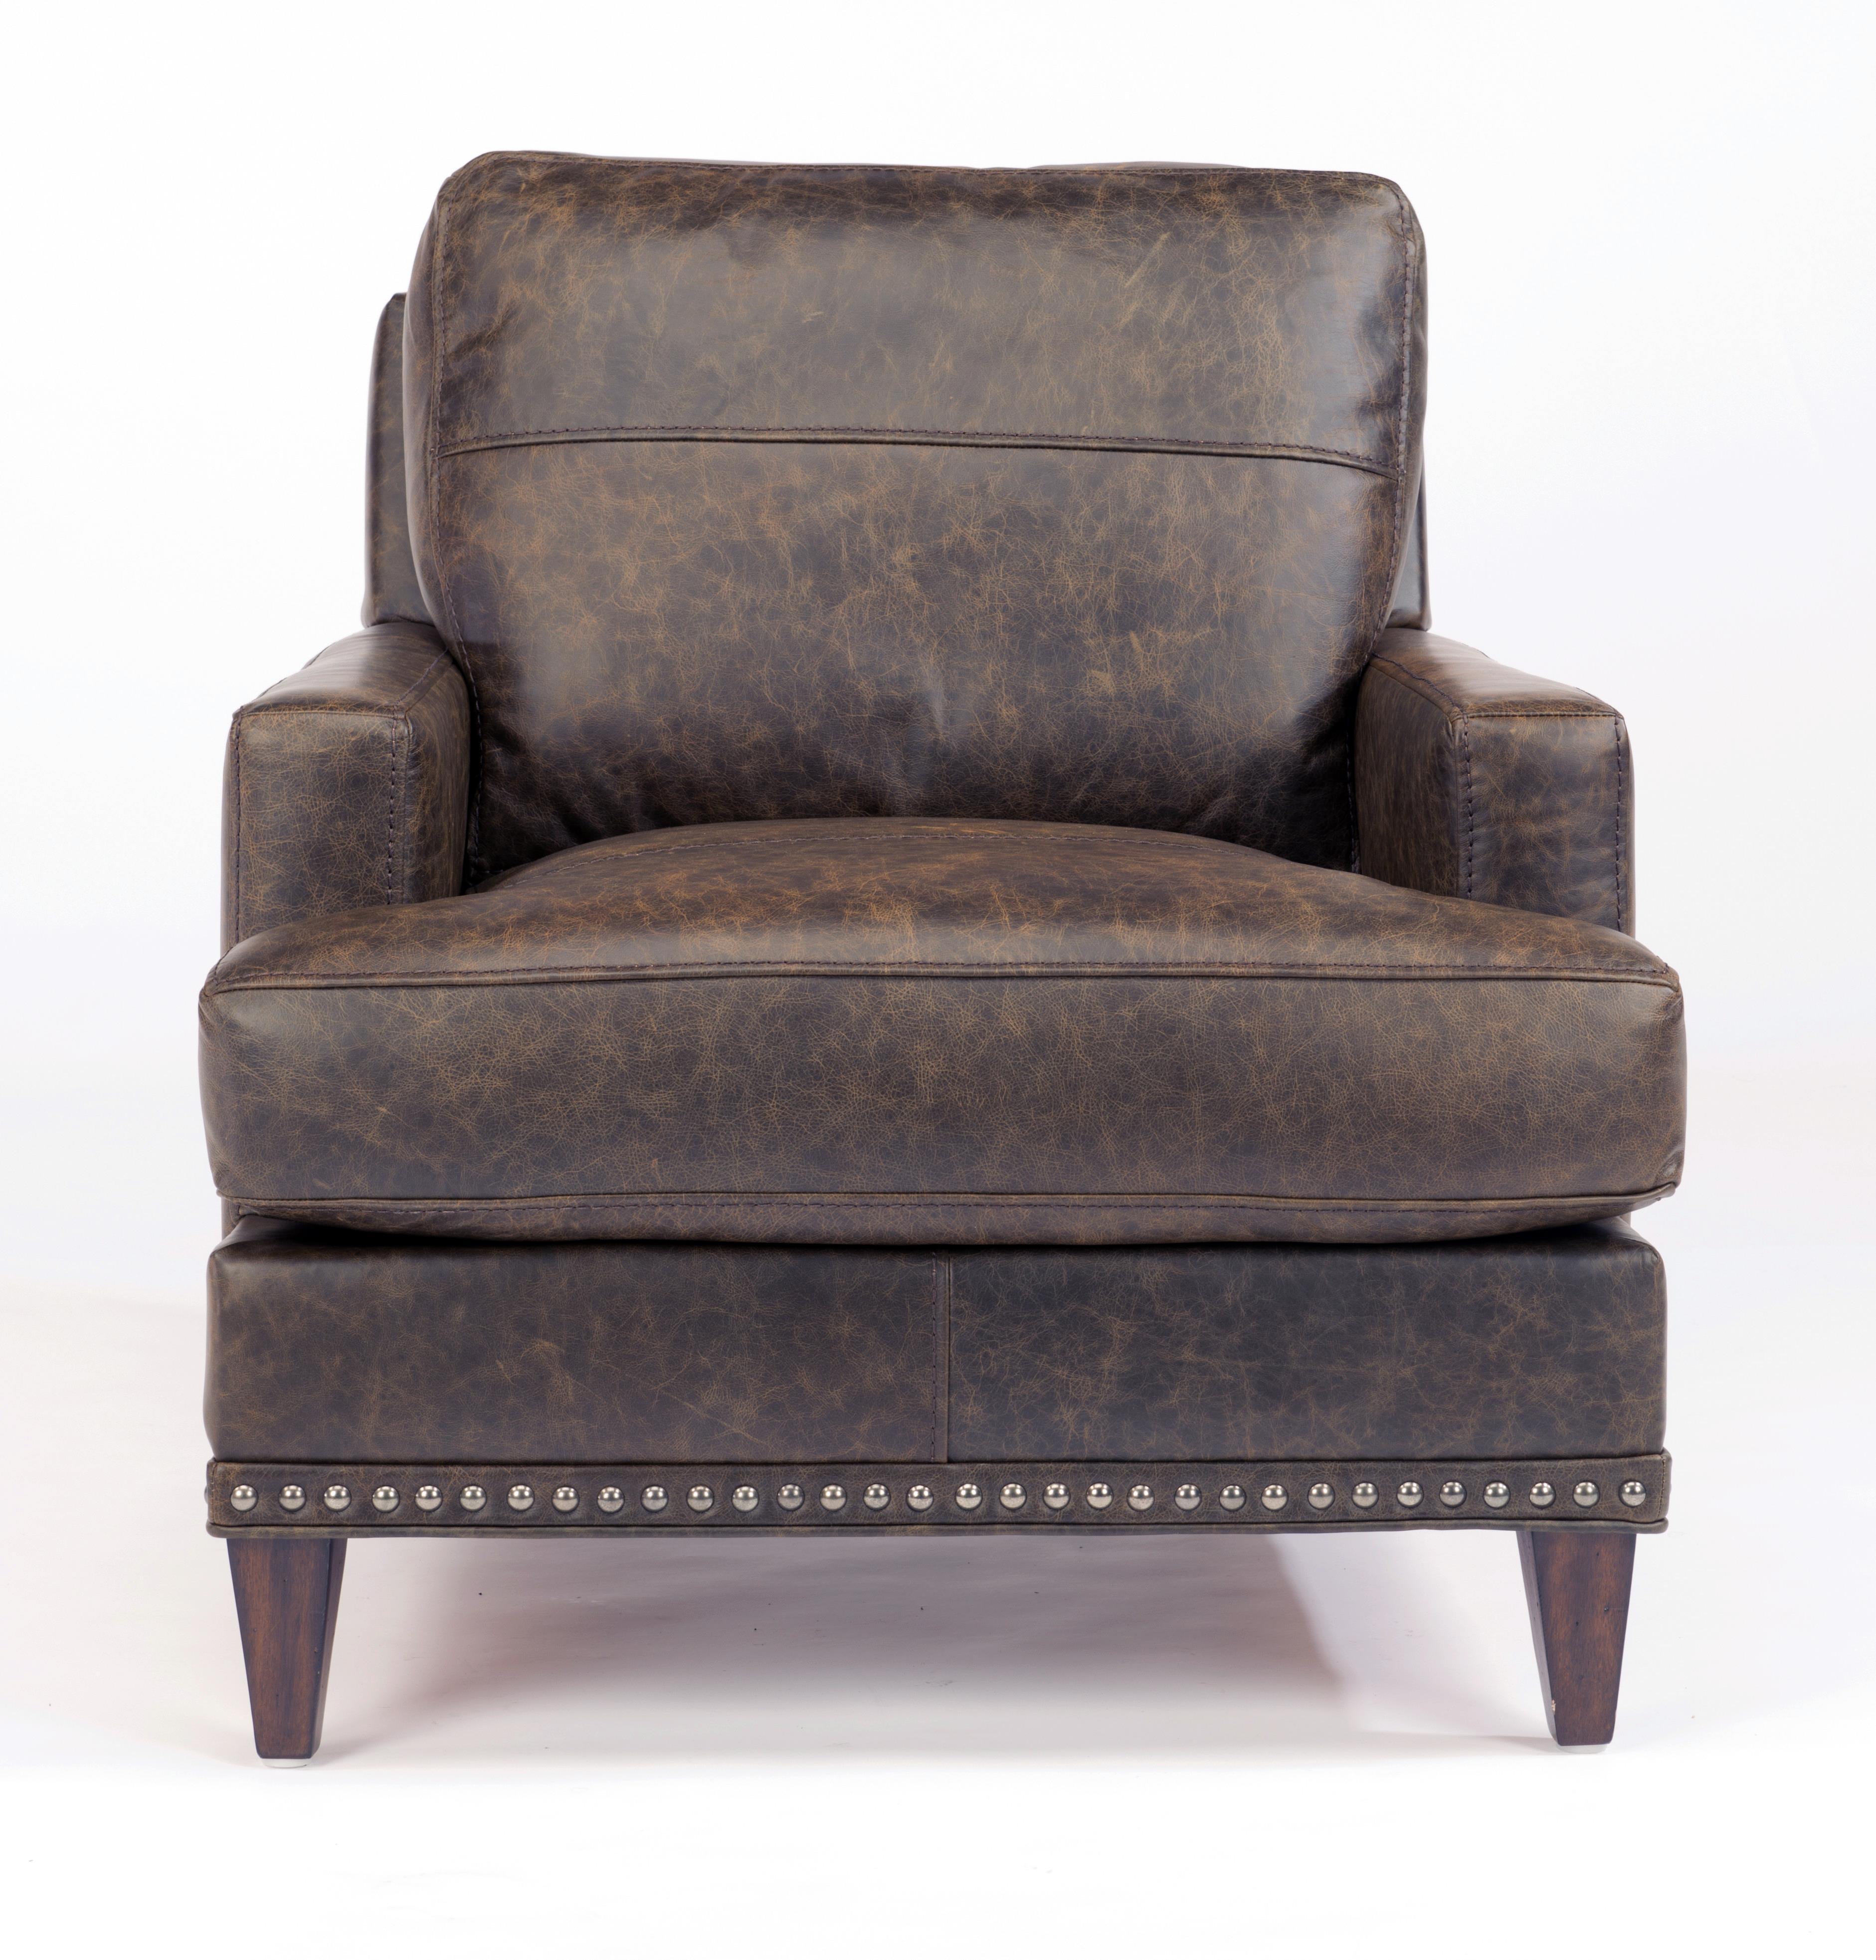 Flexsteel Ocean Chair w/ Nails - Item Number: B3367-10-175-70